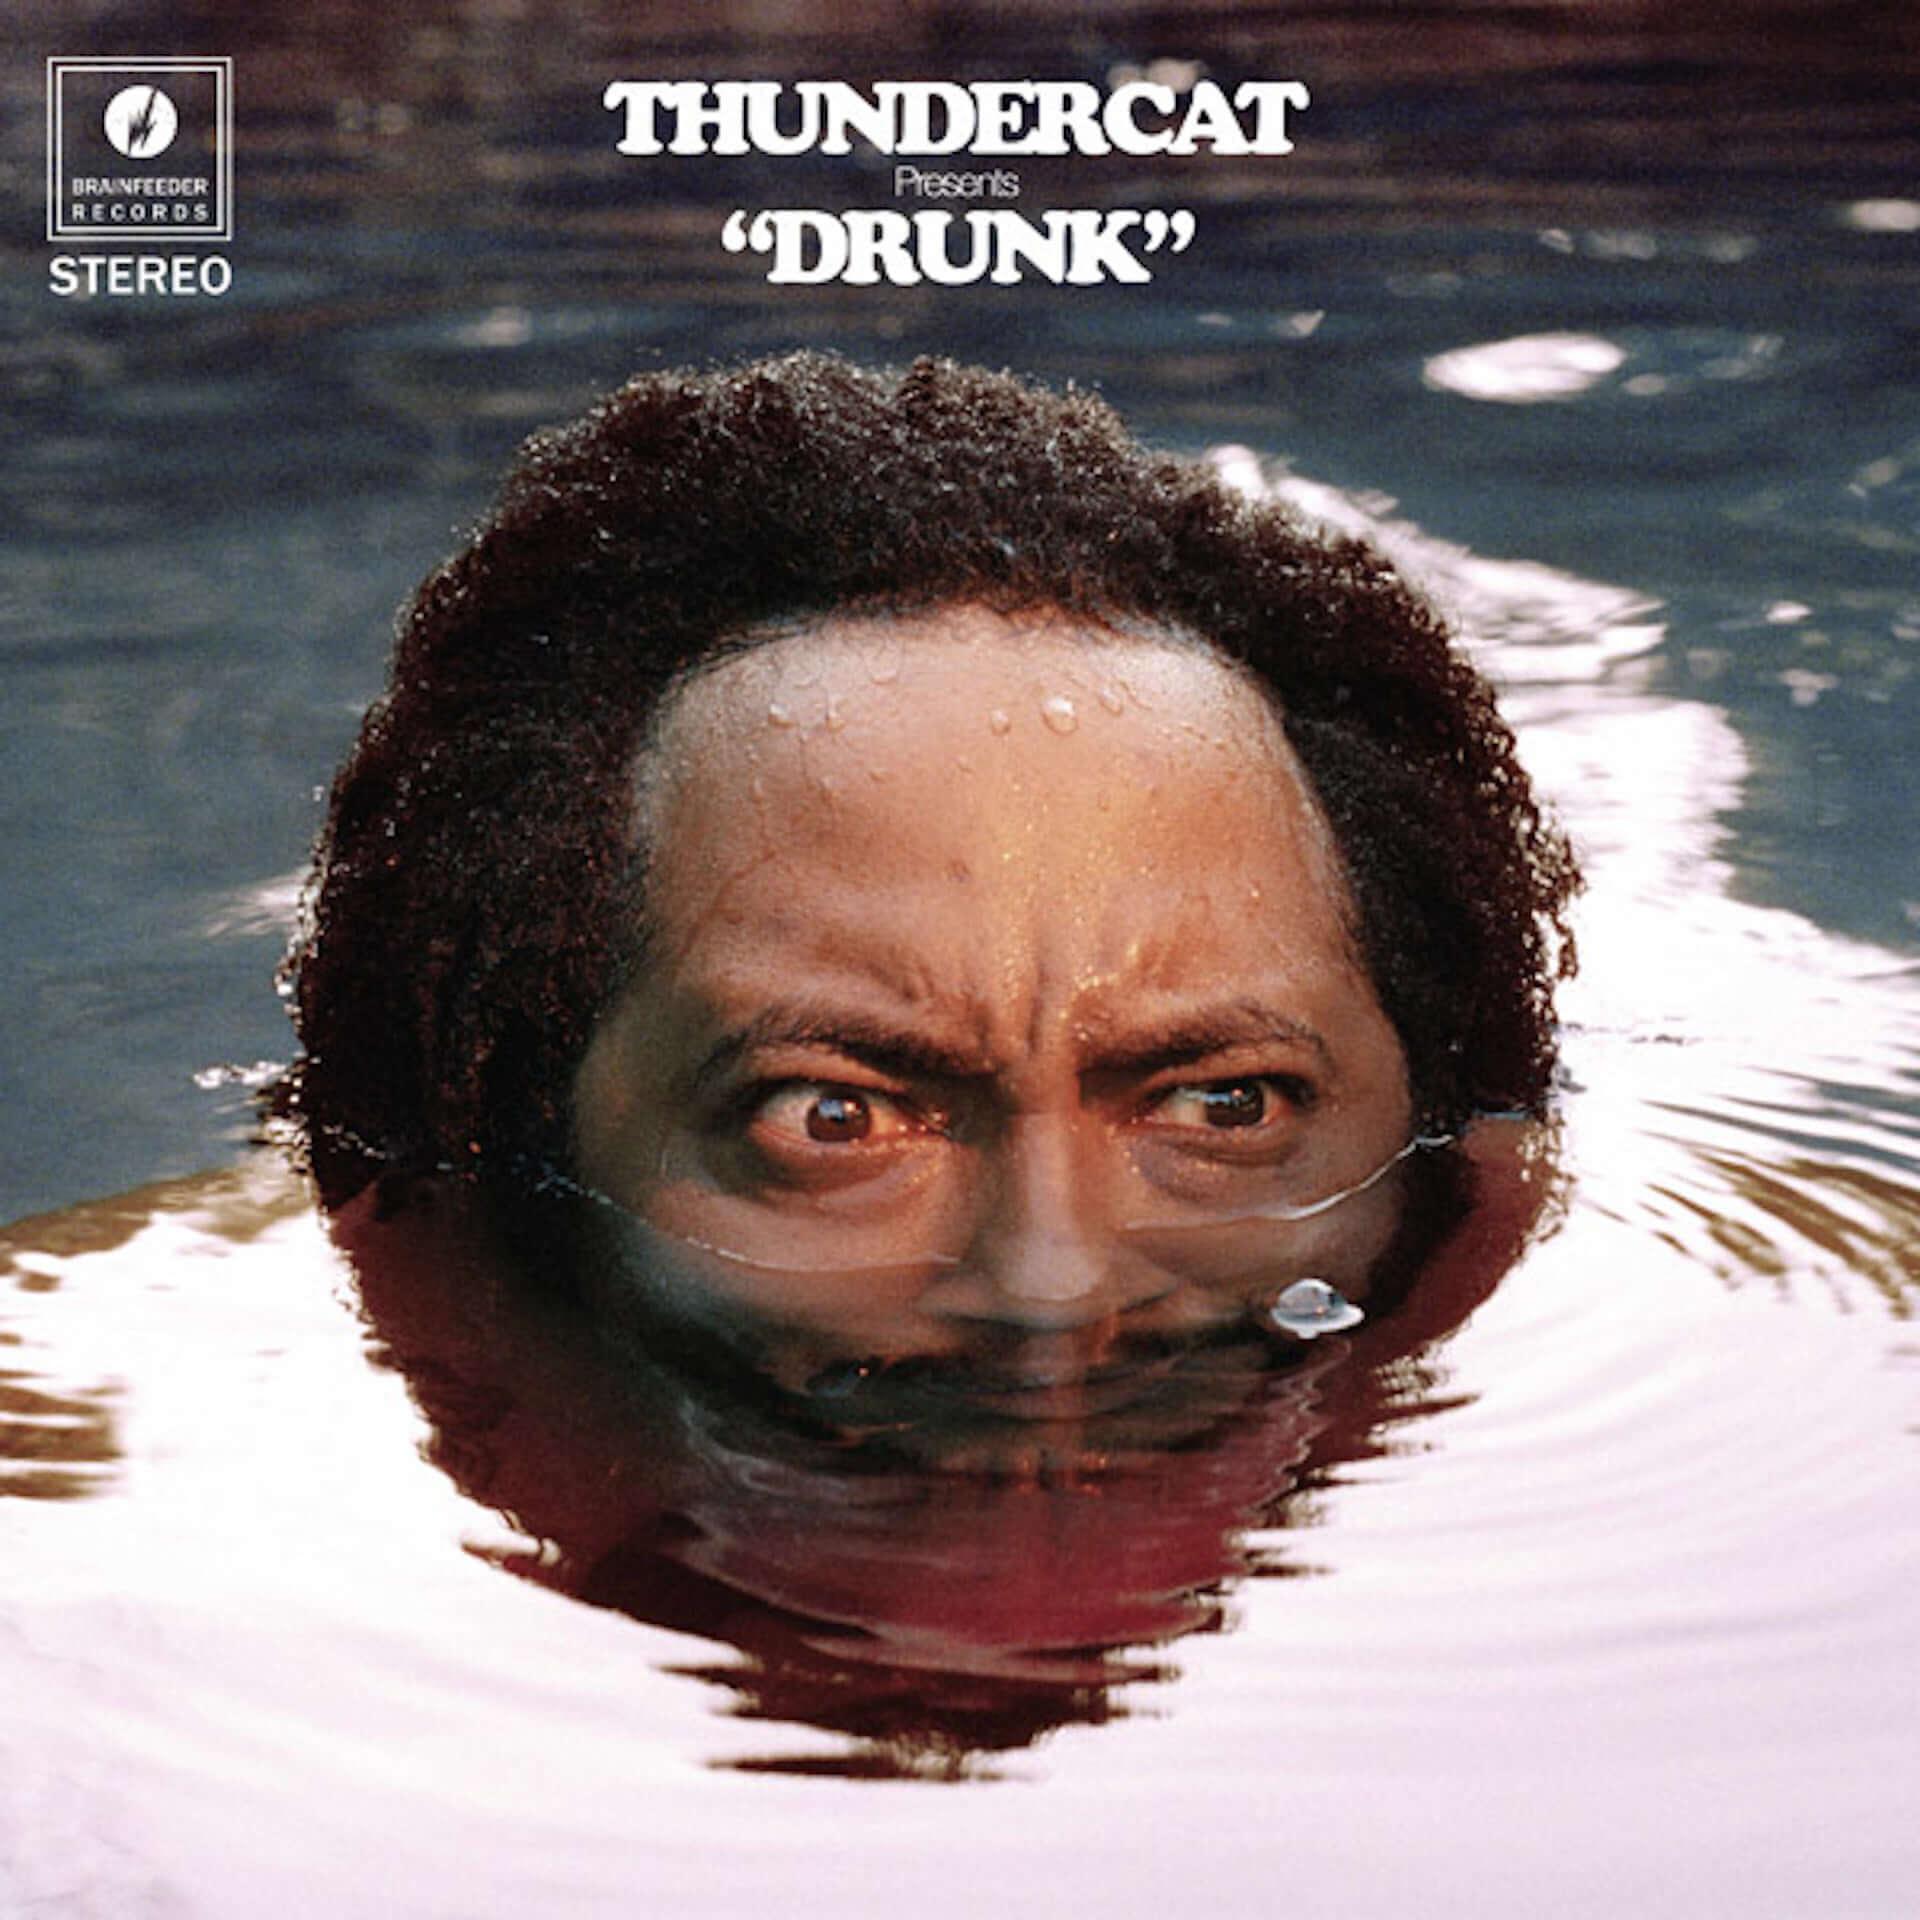 """Thundercatの楽曲""""Fair Chance(feat. Ty Dolla $ign & Lil B)""""をFloating Pointsがリミックス!音源が公開&12インチも発売決定 music201112_thundercat_10-1920x1920"""